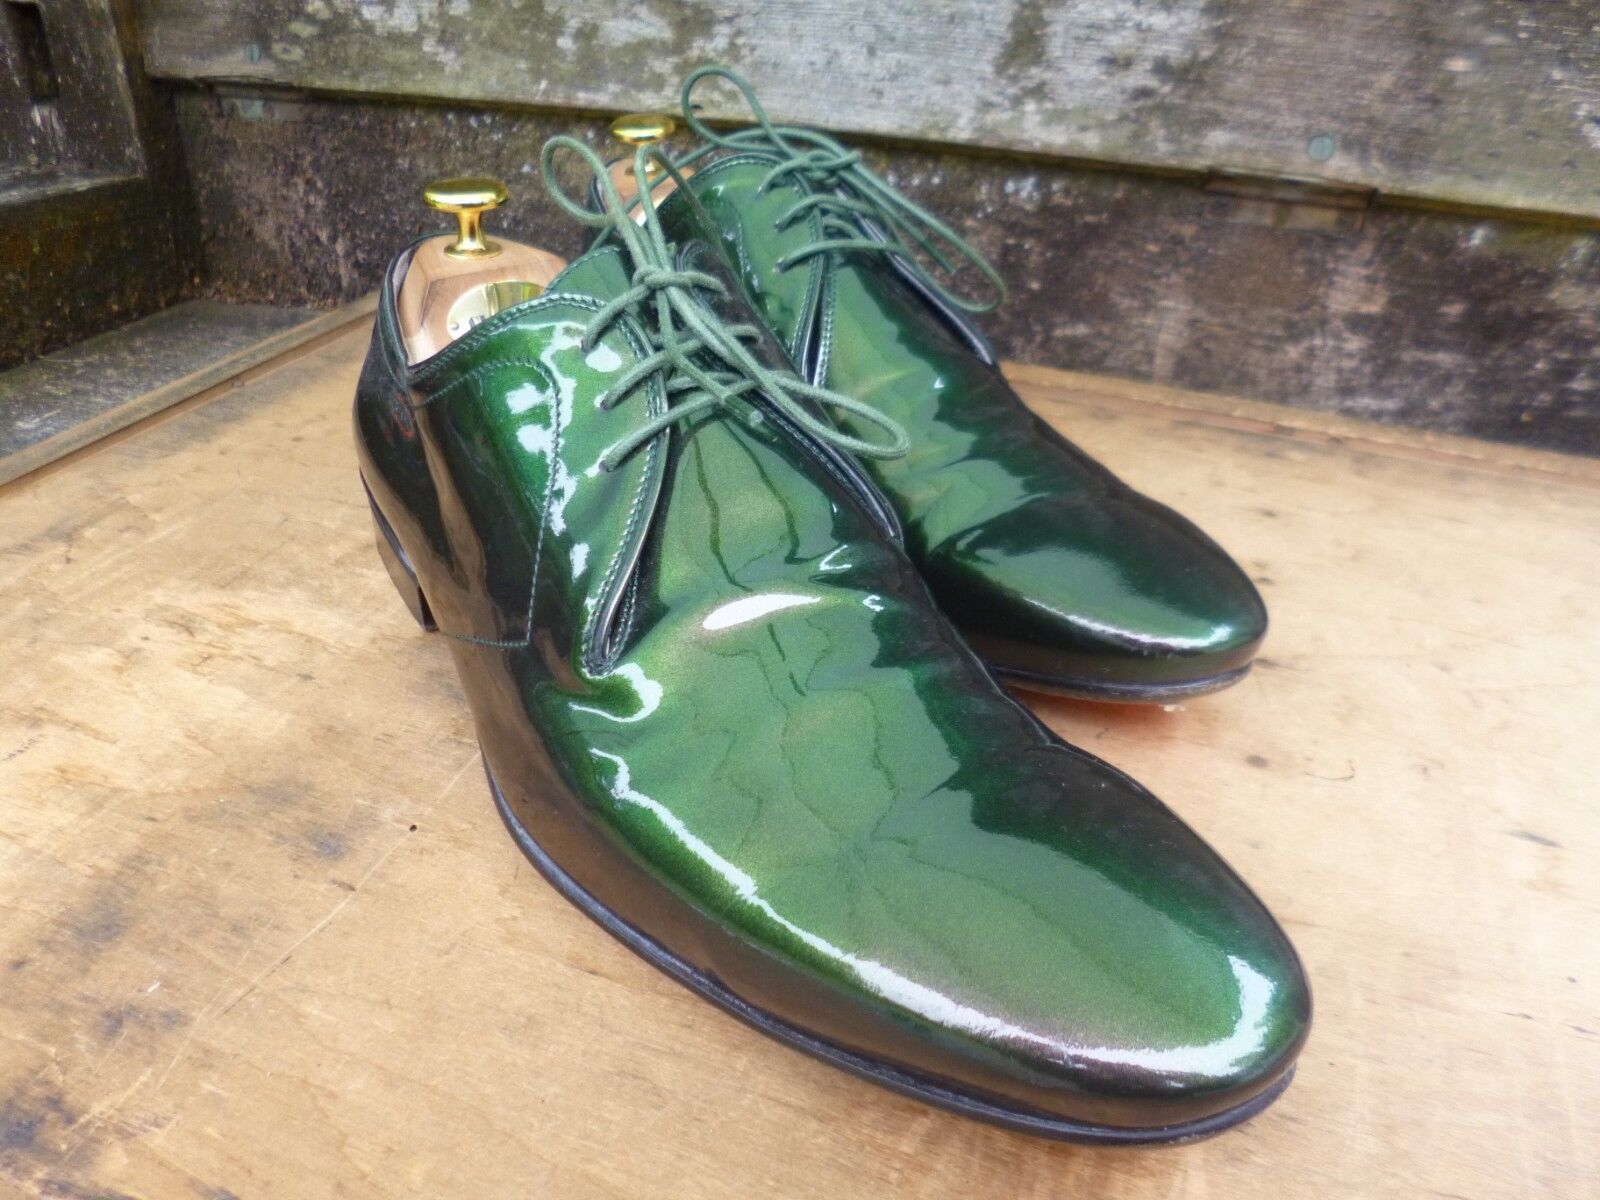 ALEXANDER MCQUEEN Scarpe Derby – Metallico Verde-Regno Unito 8.5 – Ottime condizioni